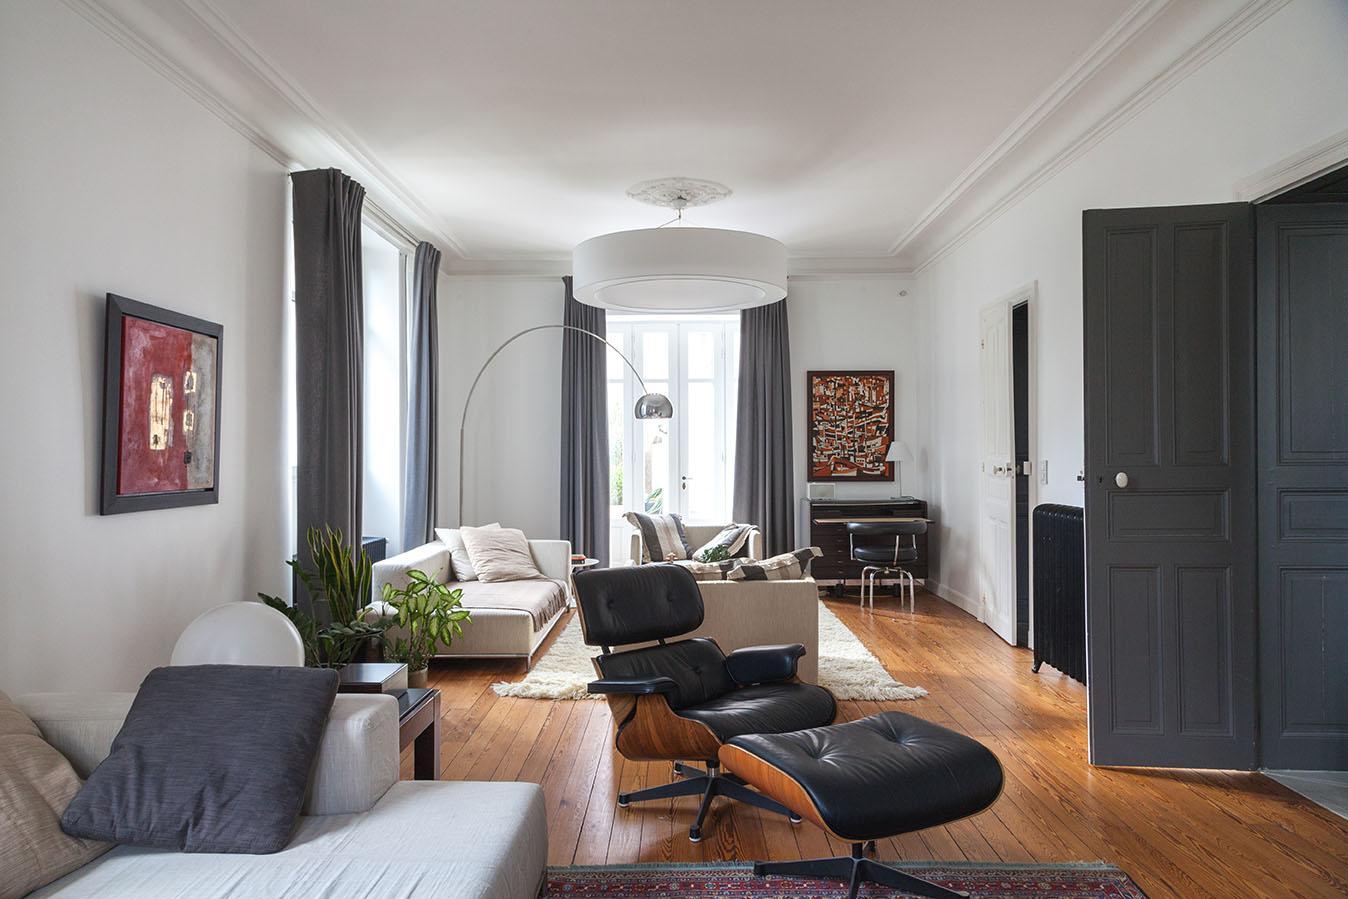 architecte interieur pau click to open image architecte interieur le havre deco cuisine rose. Black Bedroom Furniture Sets. Home Design Ideas